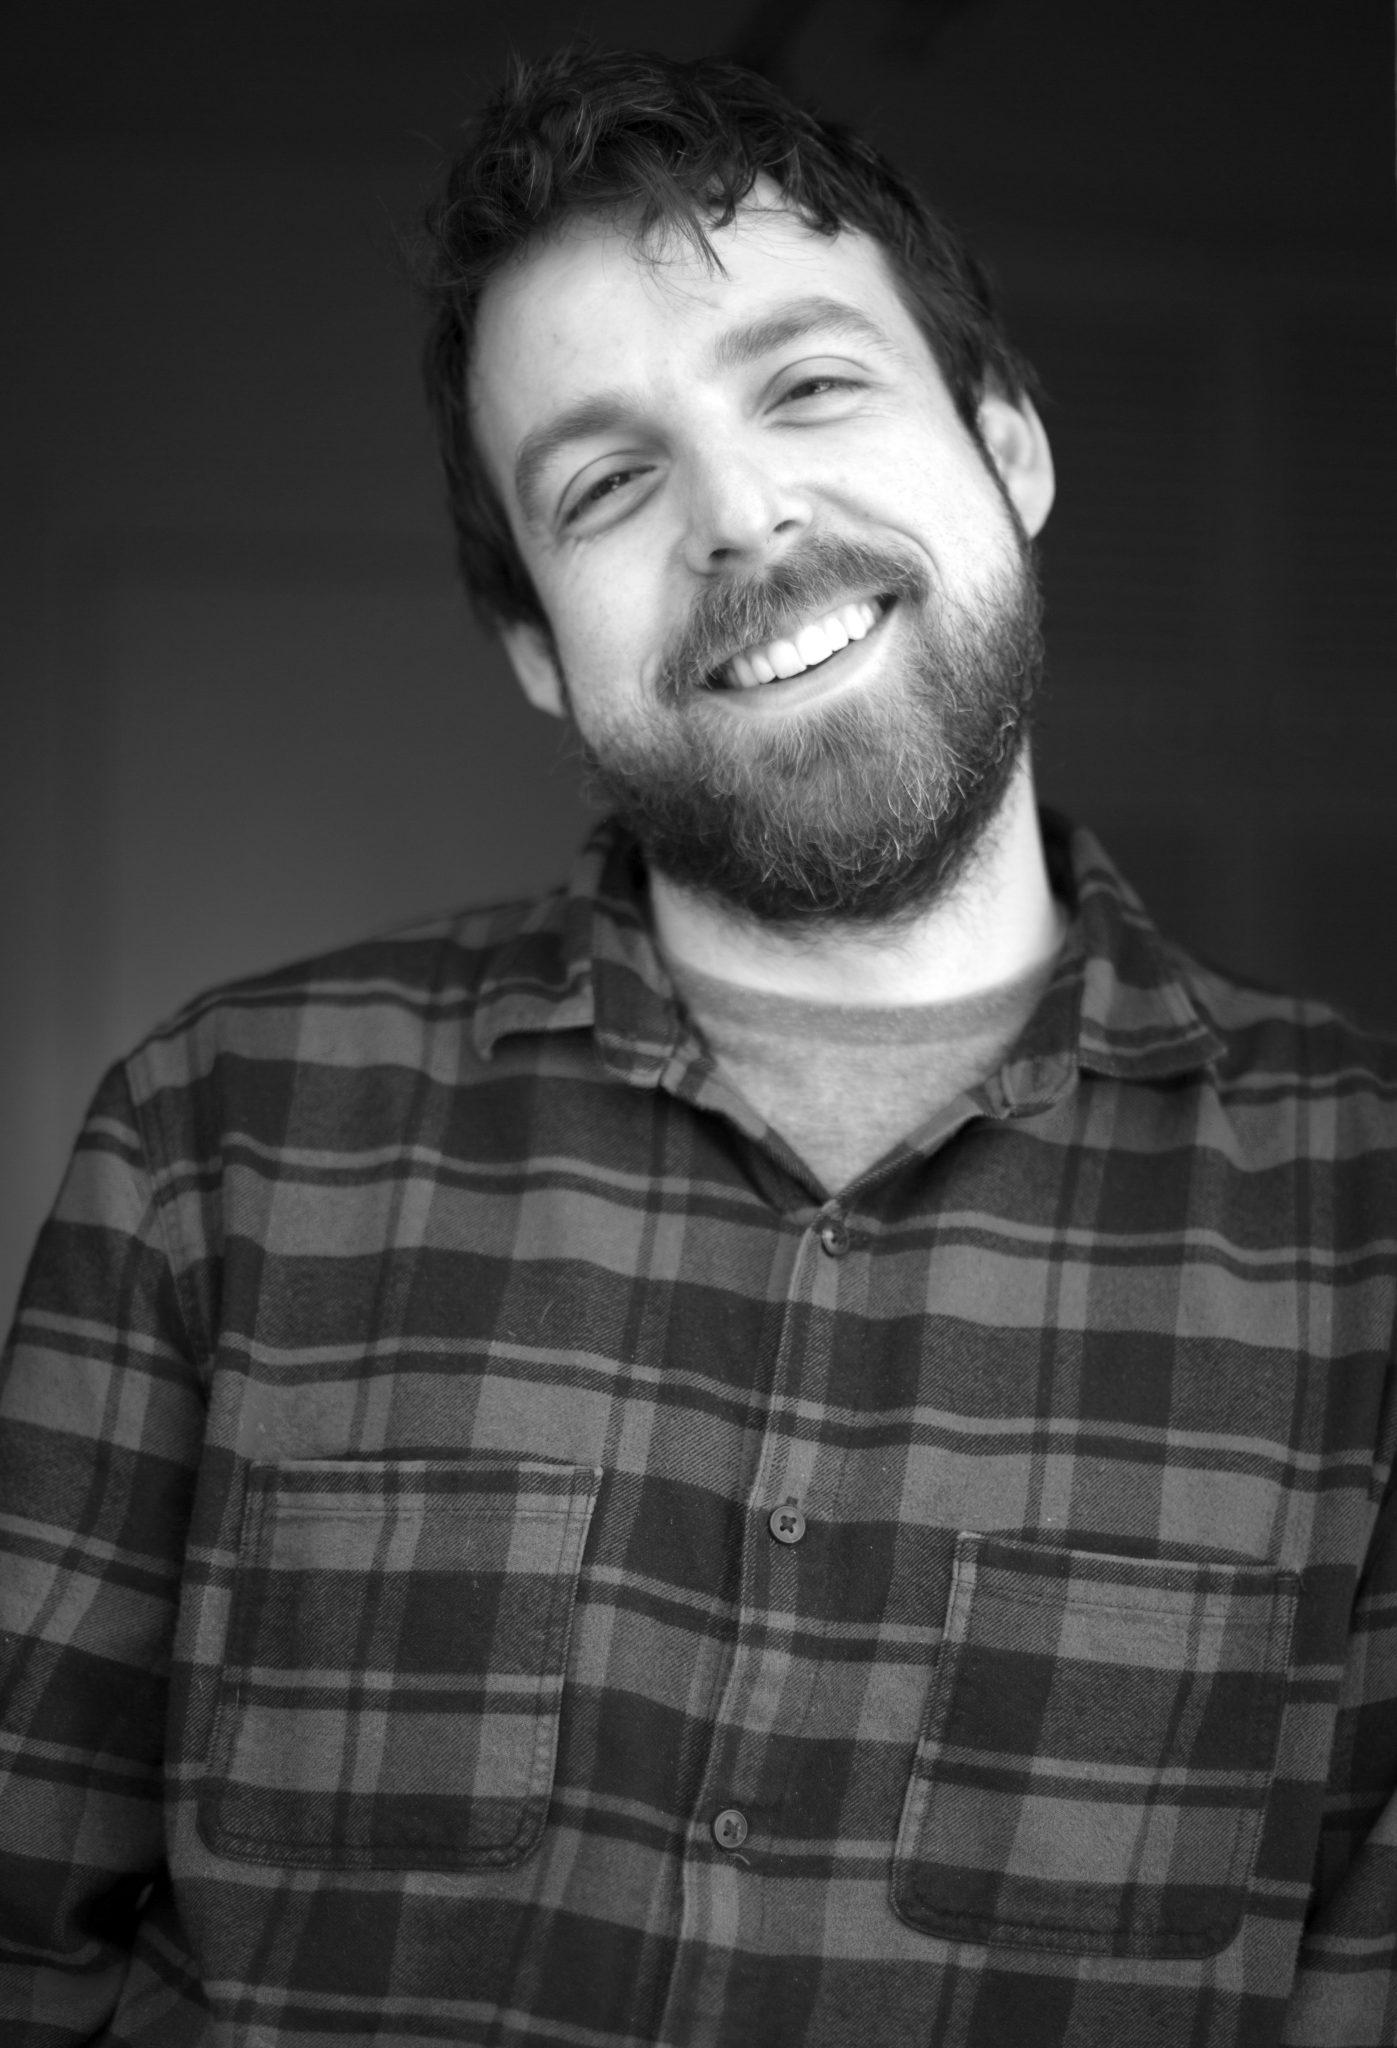 Photo of filmmaker Nathan Fagan. Photo Credit Nathan Fagan